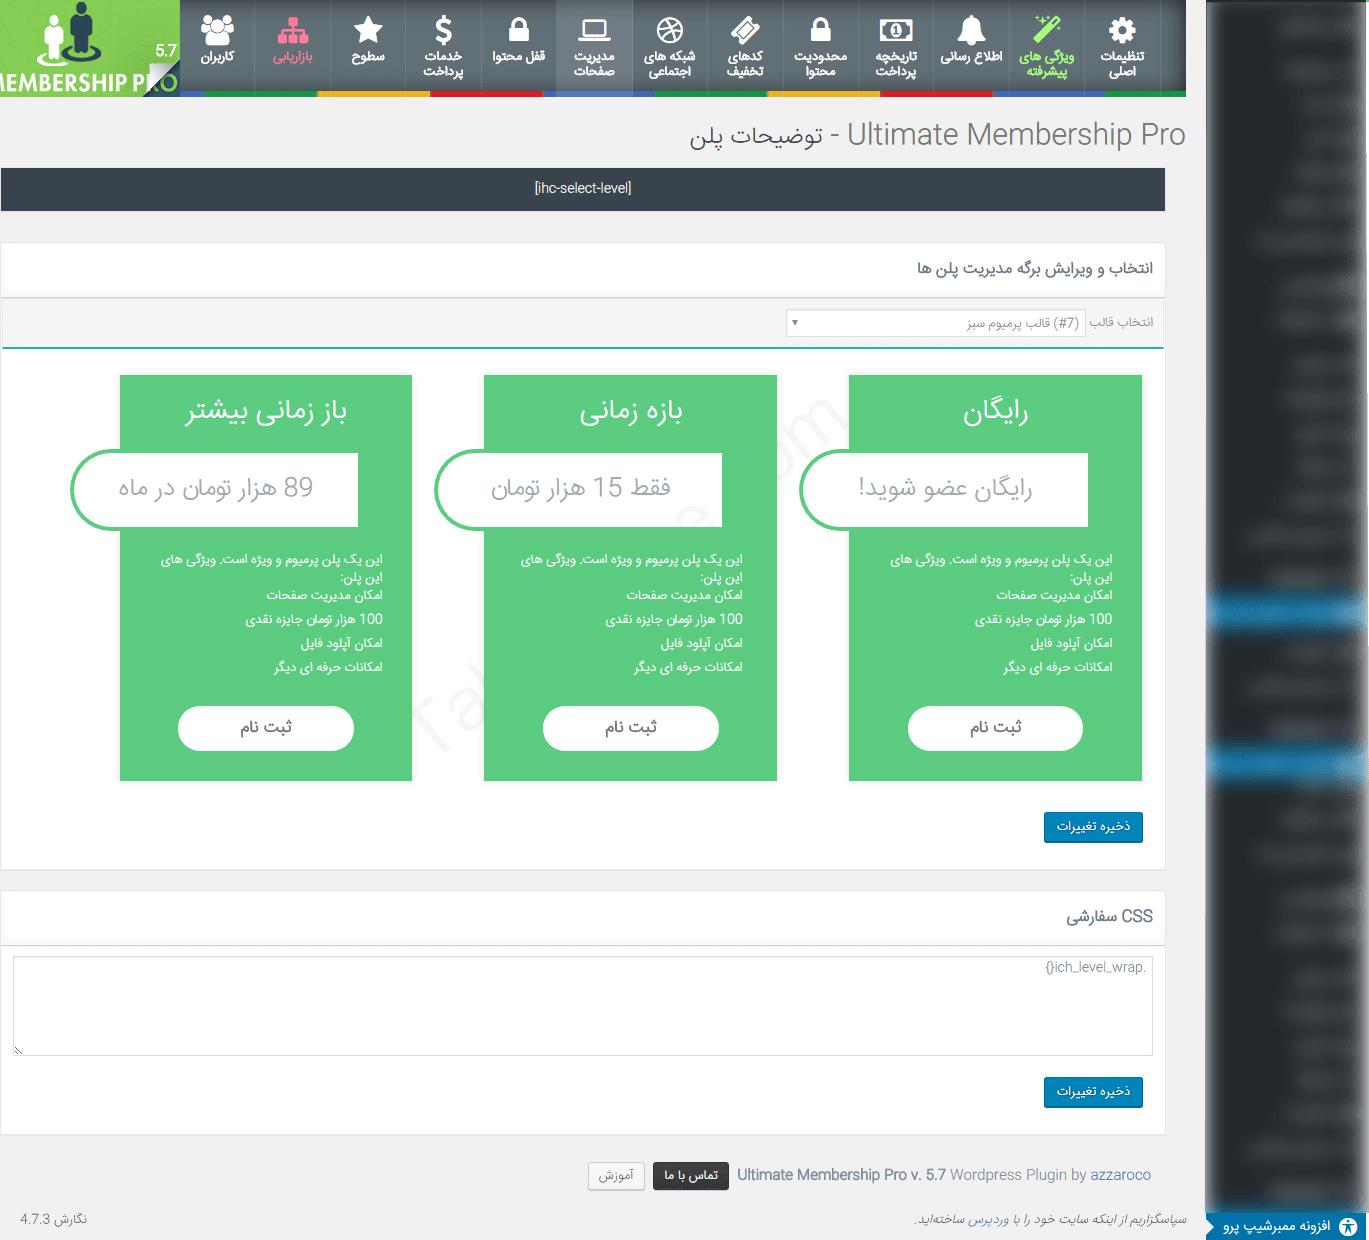 ساخت پلن های مختلف اشتراکی - افزونه پنل کاربری حرفه ای و بهترین افزونه ثبت نام وردپرس MemberShip Pro درگاه زرین پال